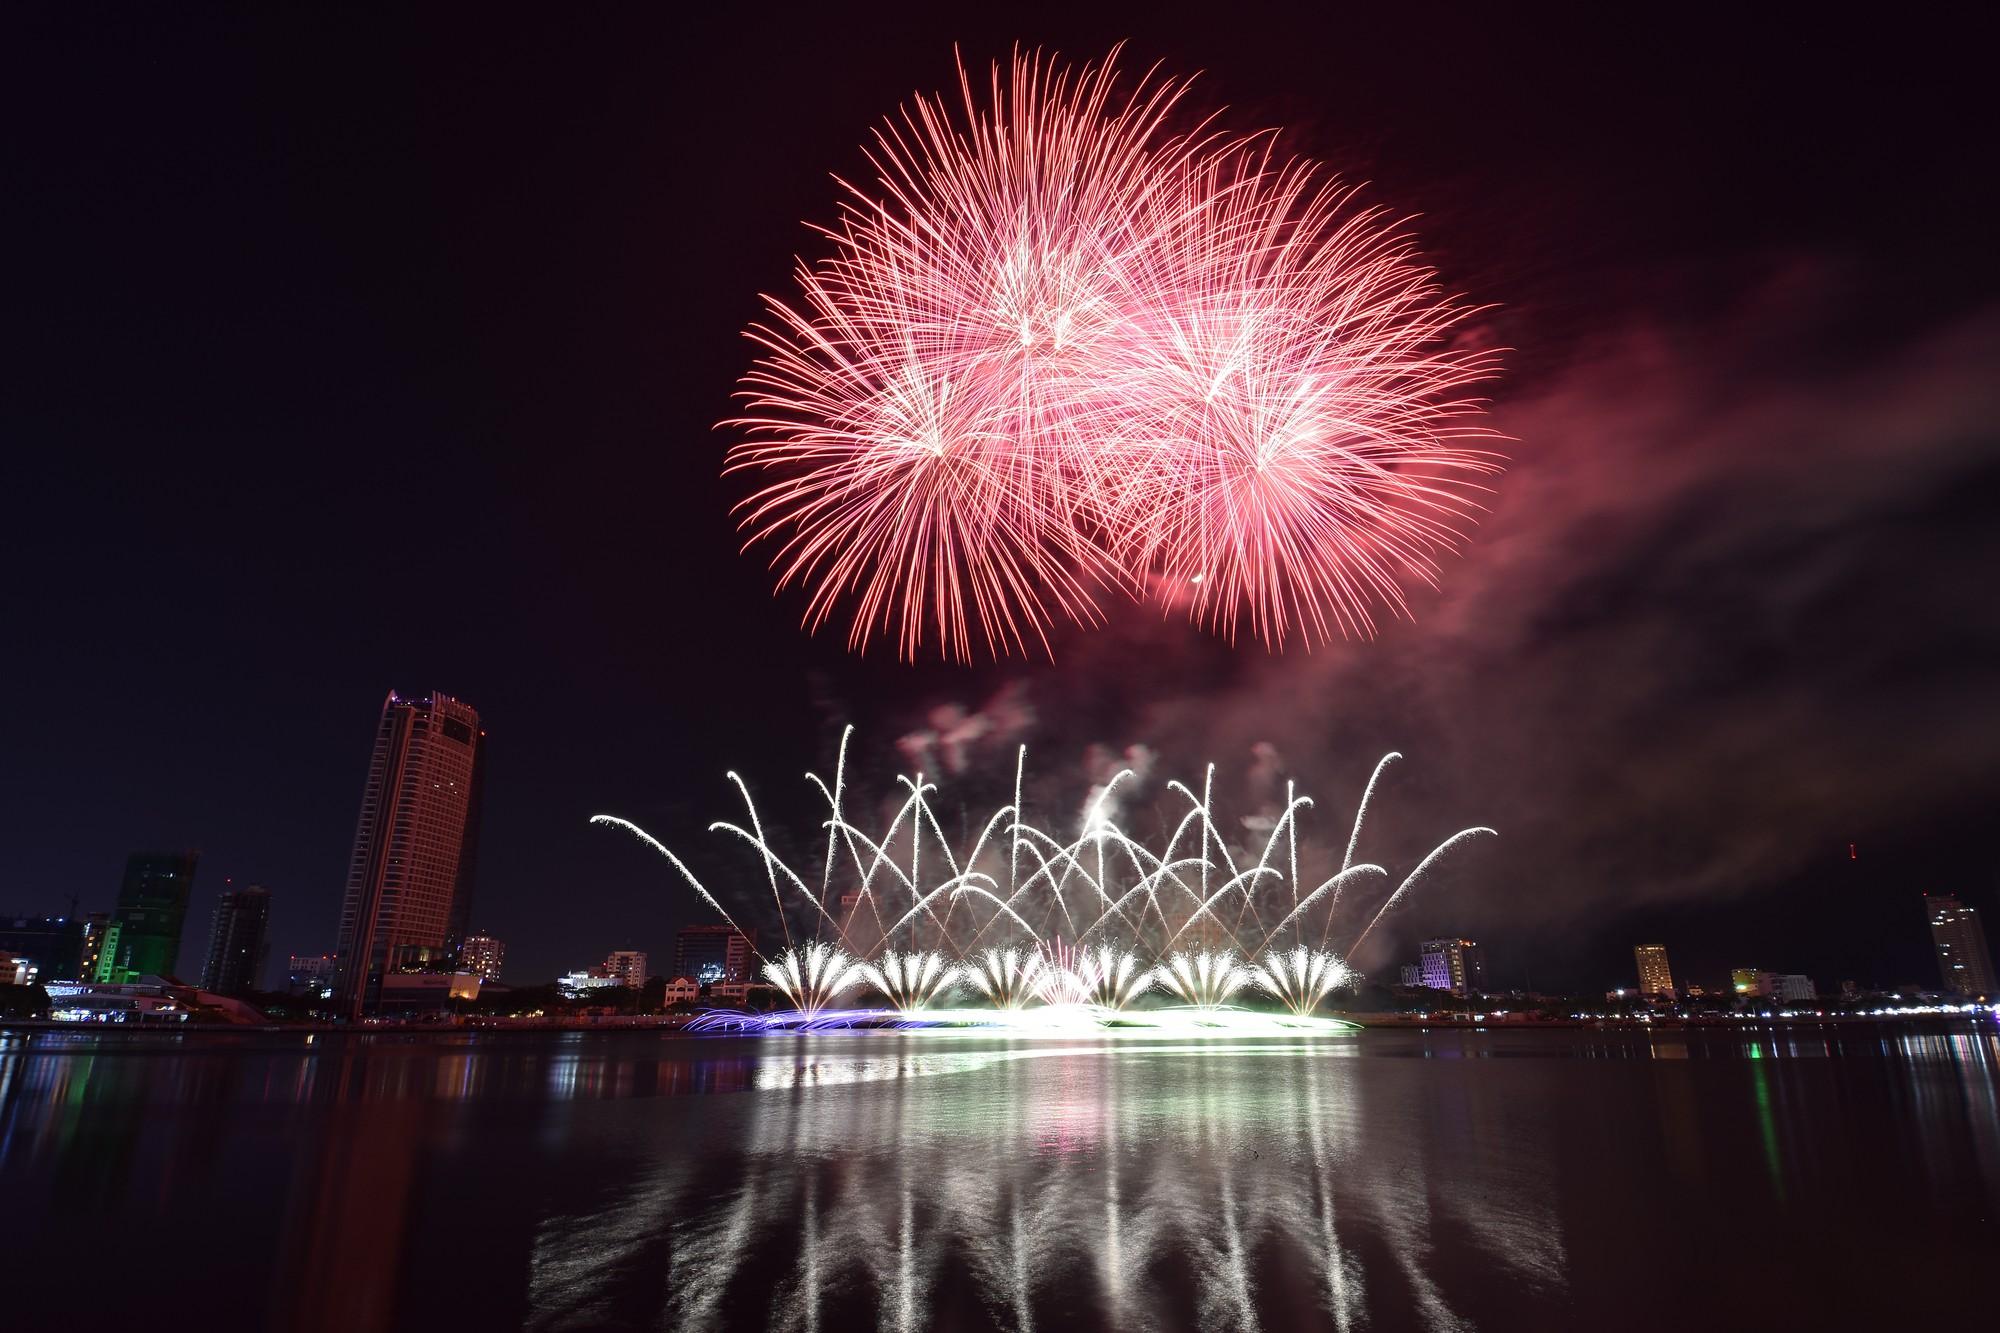 Brasil và Bỉ gửi thông điệp tình yêu bằng ánh sáng pháo hoa trên sông Hàn - Ảnh 6.